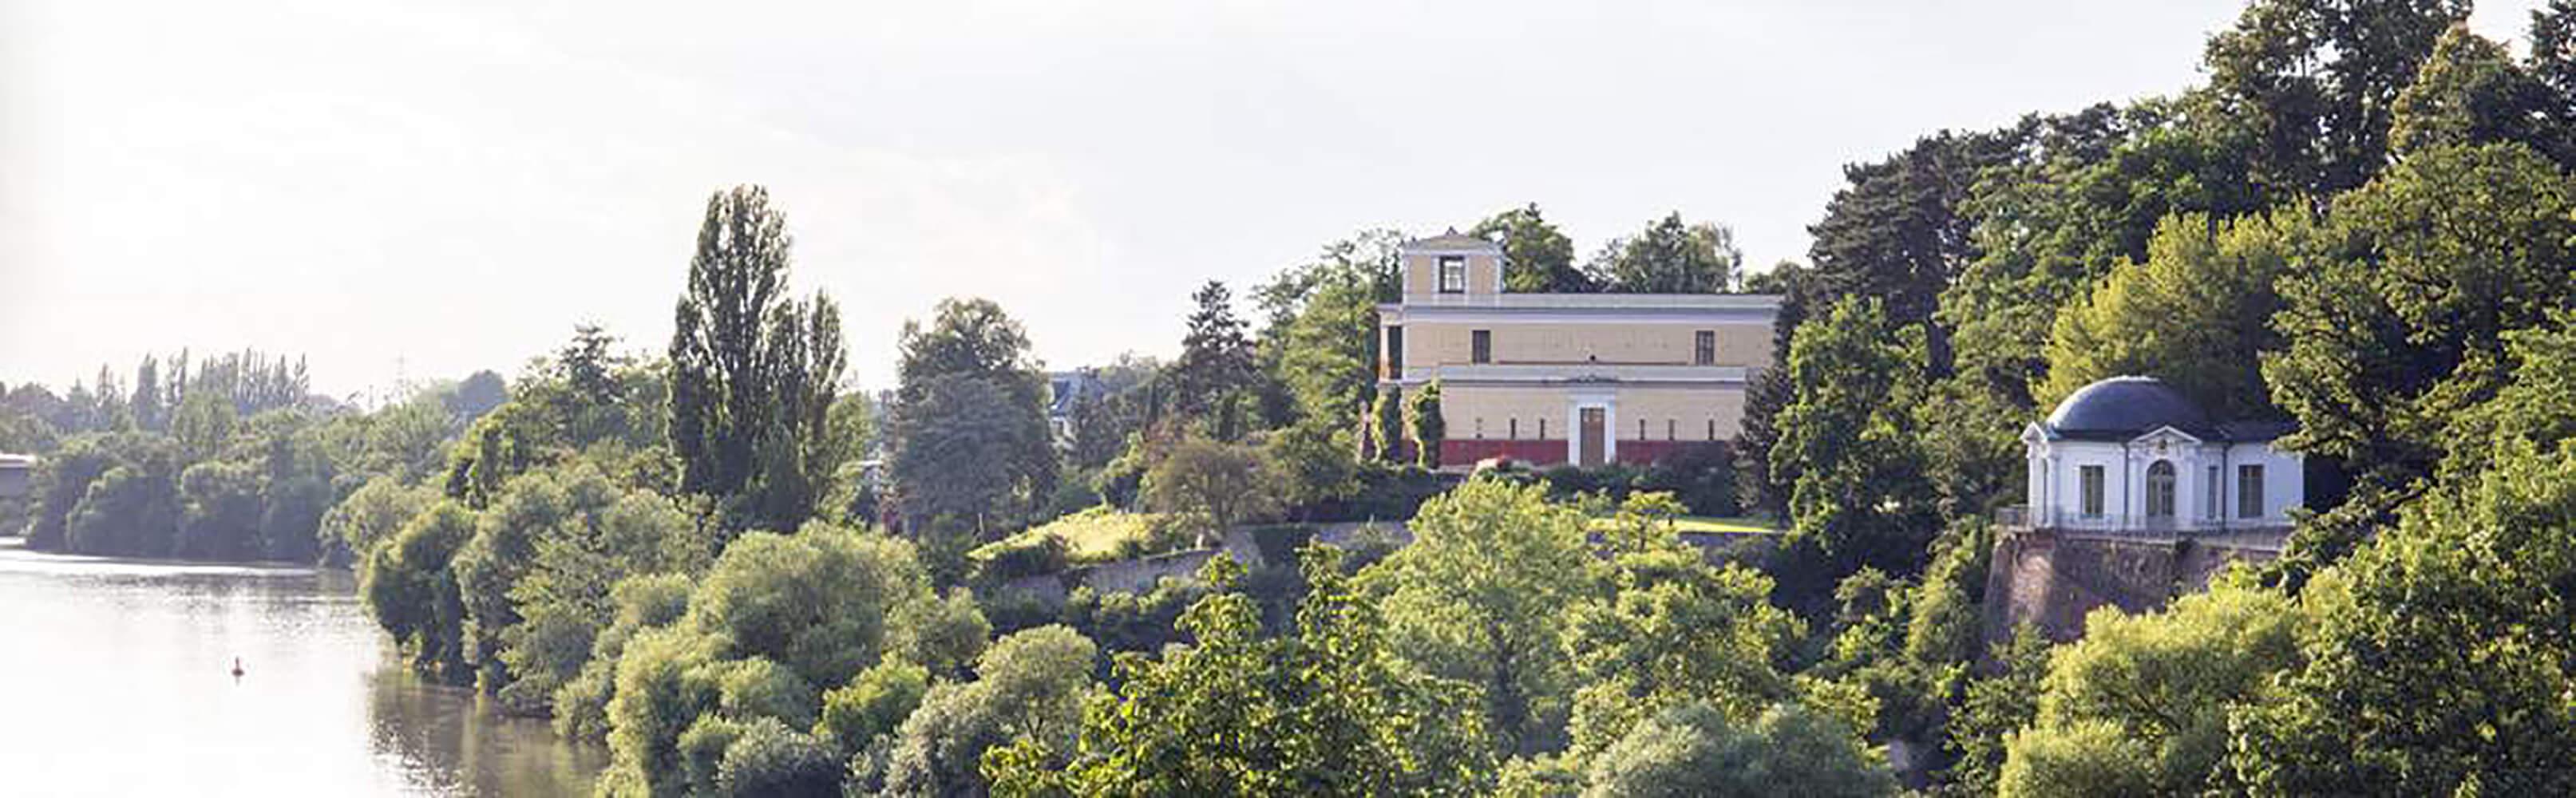 Pompejanum und Schlossgarten von Aschaffenburg 1